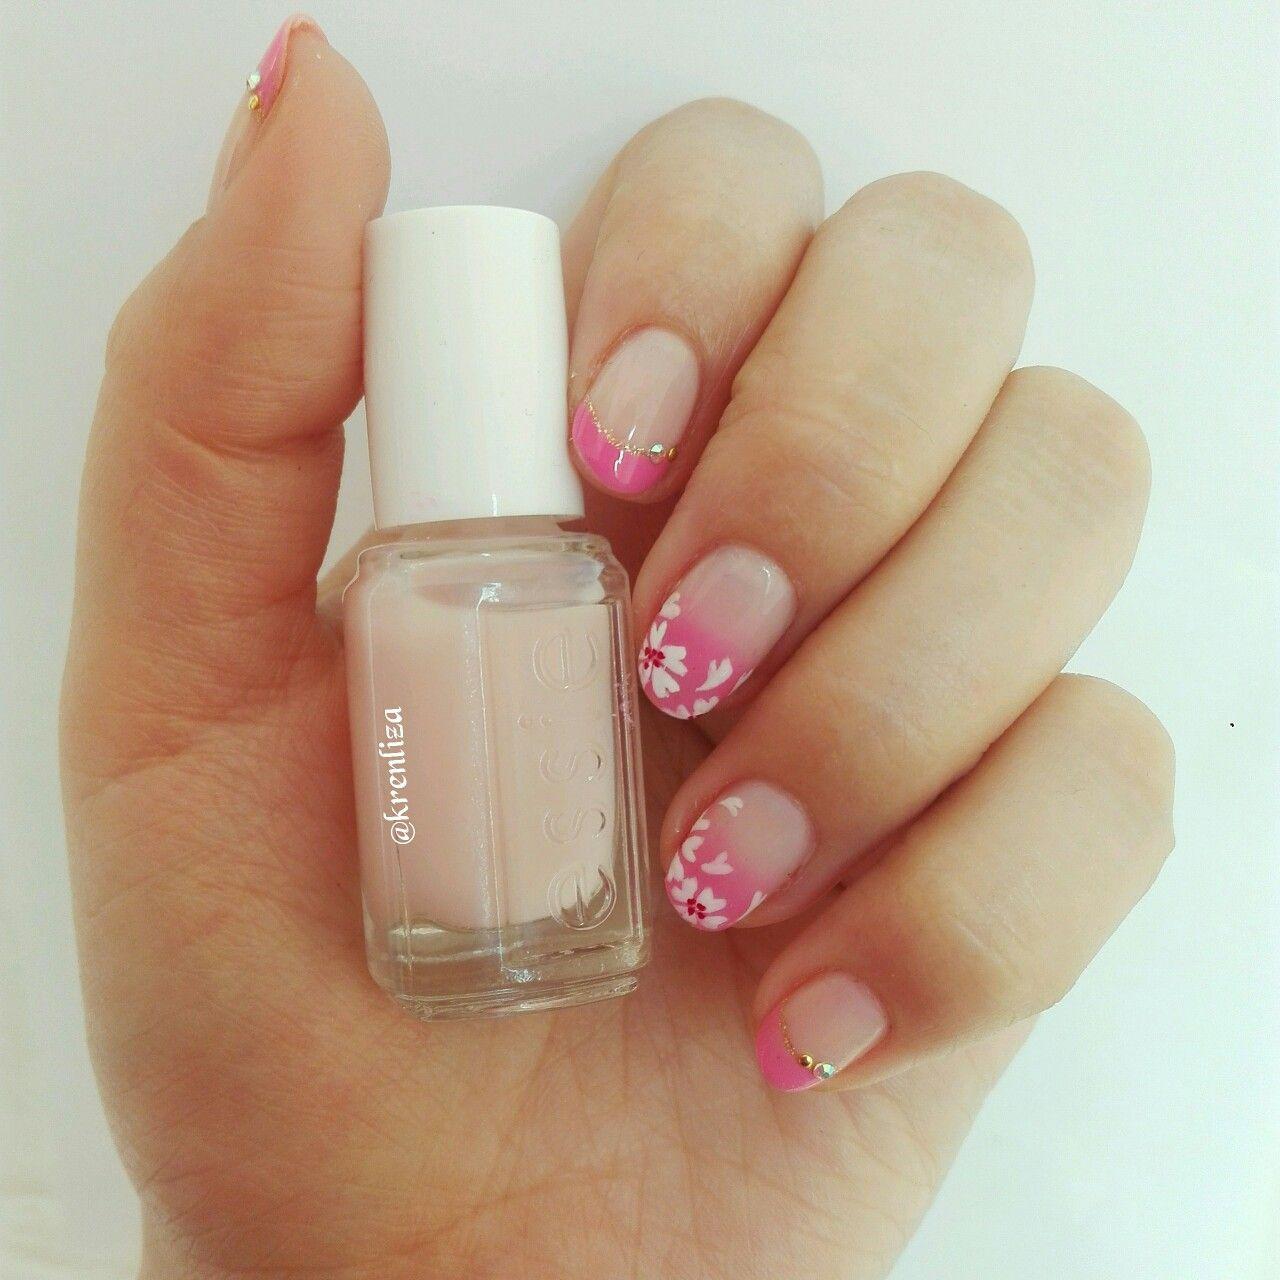 Flores nails